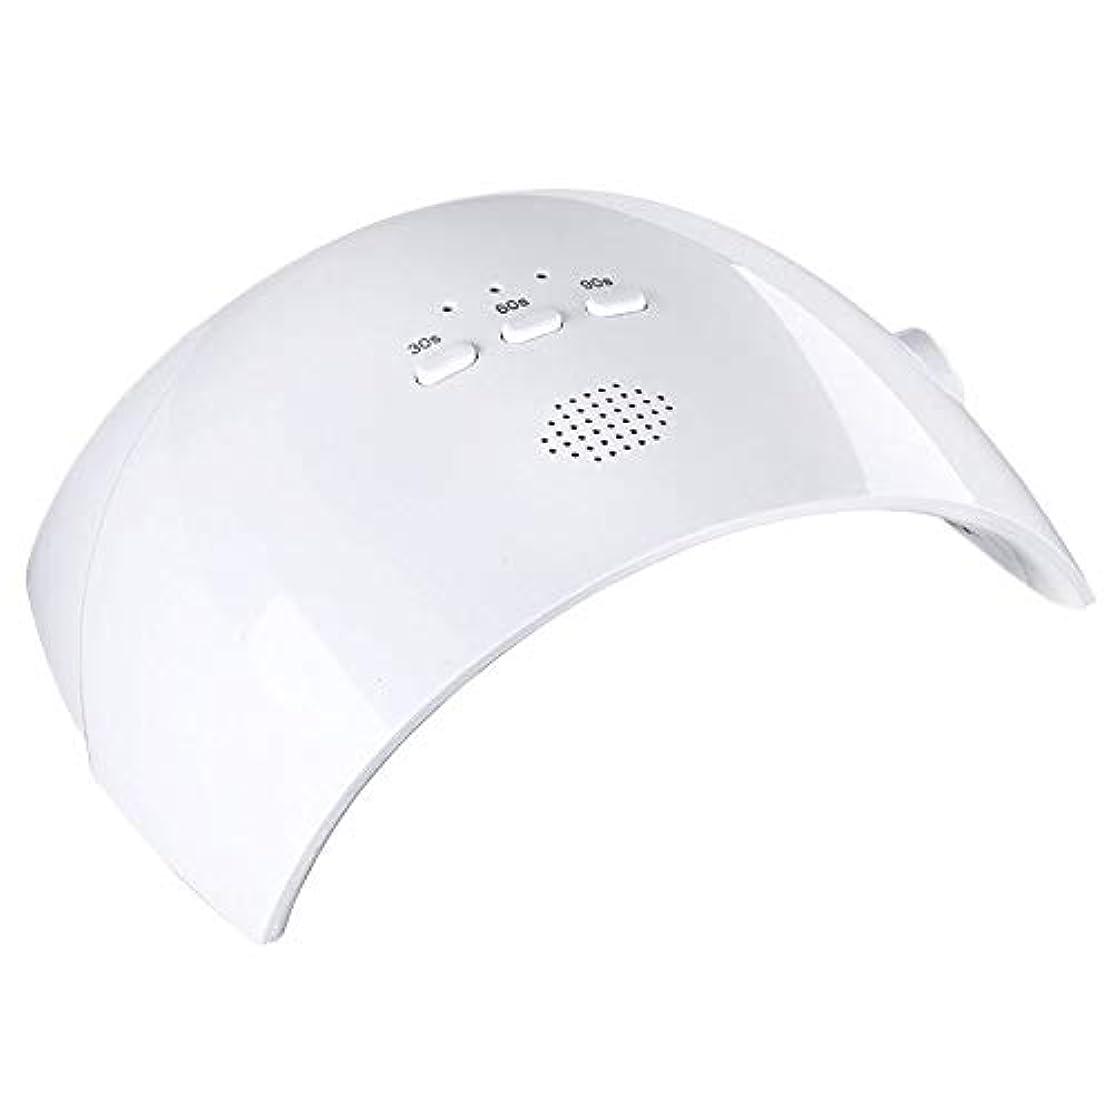 矢理解する看板ネイルライト、3タイマー設定付き36W UV LEDジェルネイルドライヤー - プロフェッショナルジェルネイルポリッシュランプ